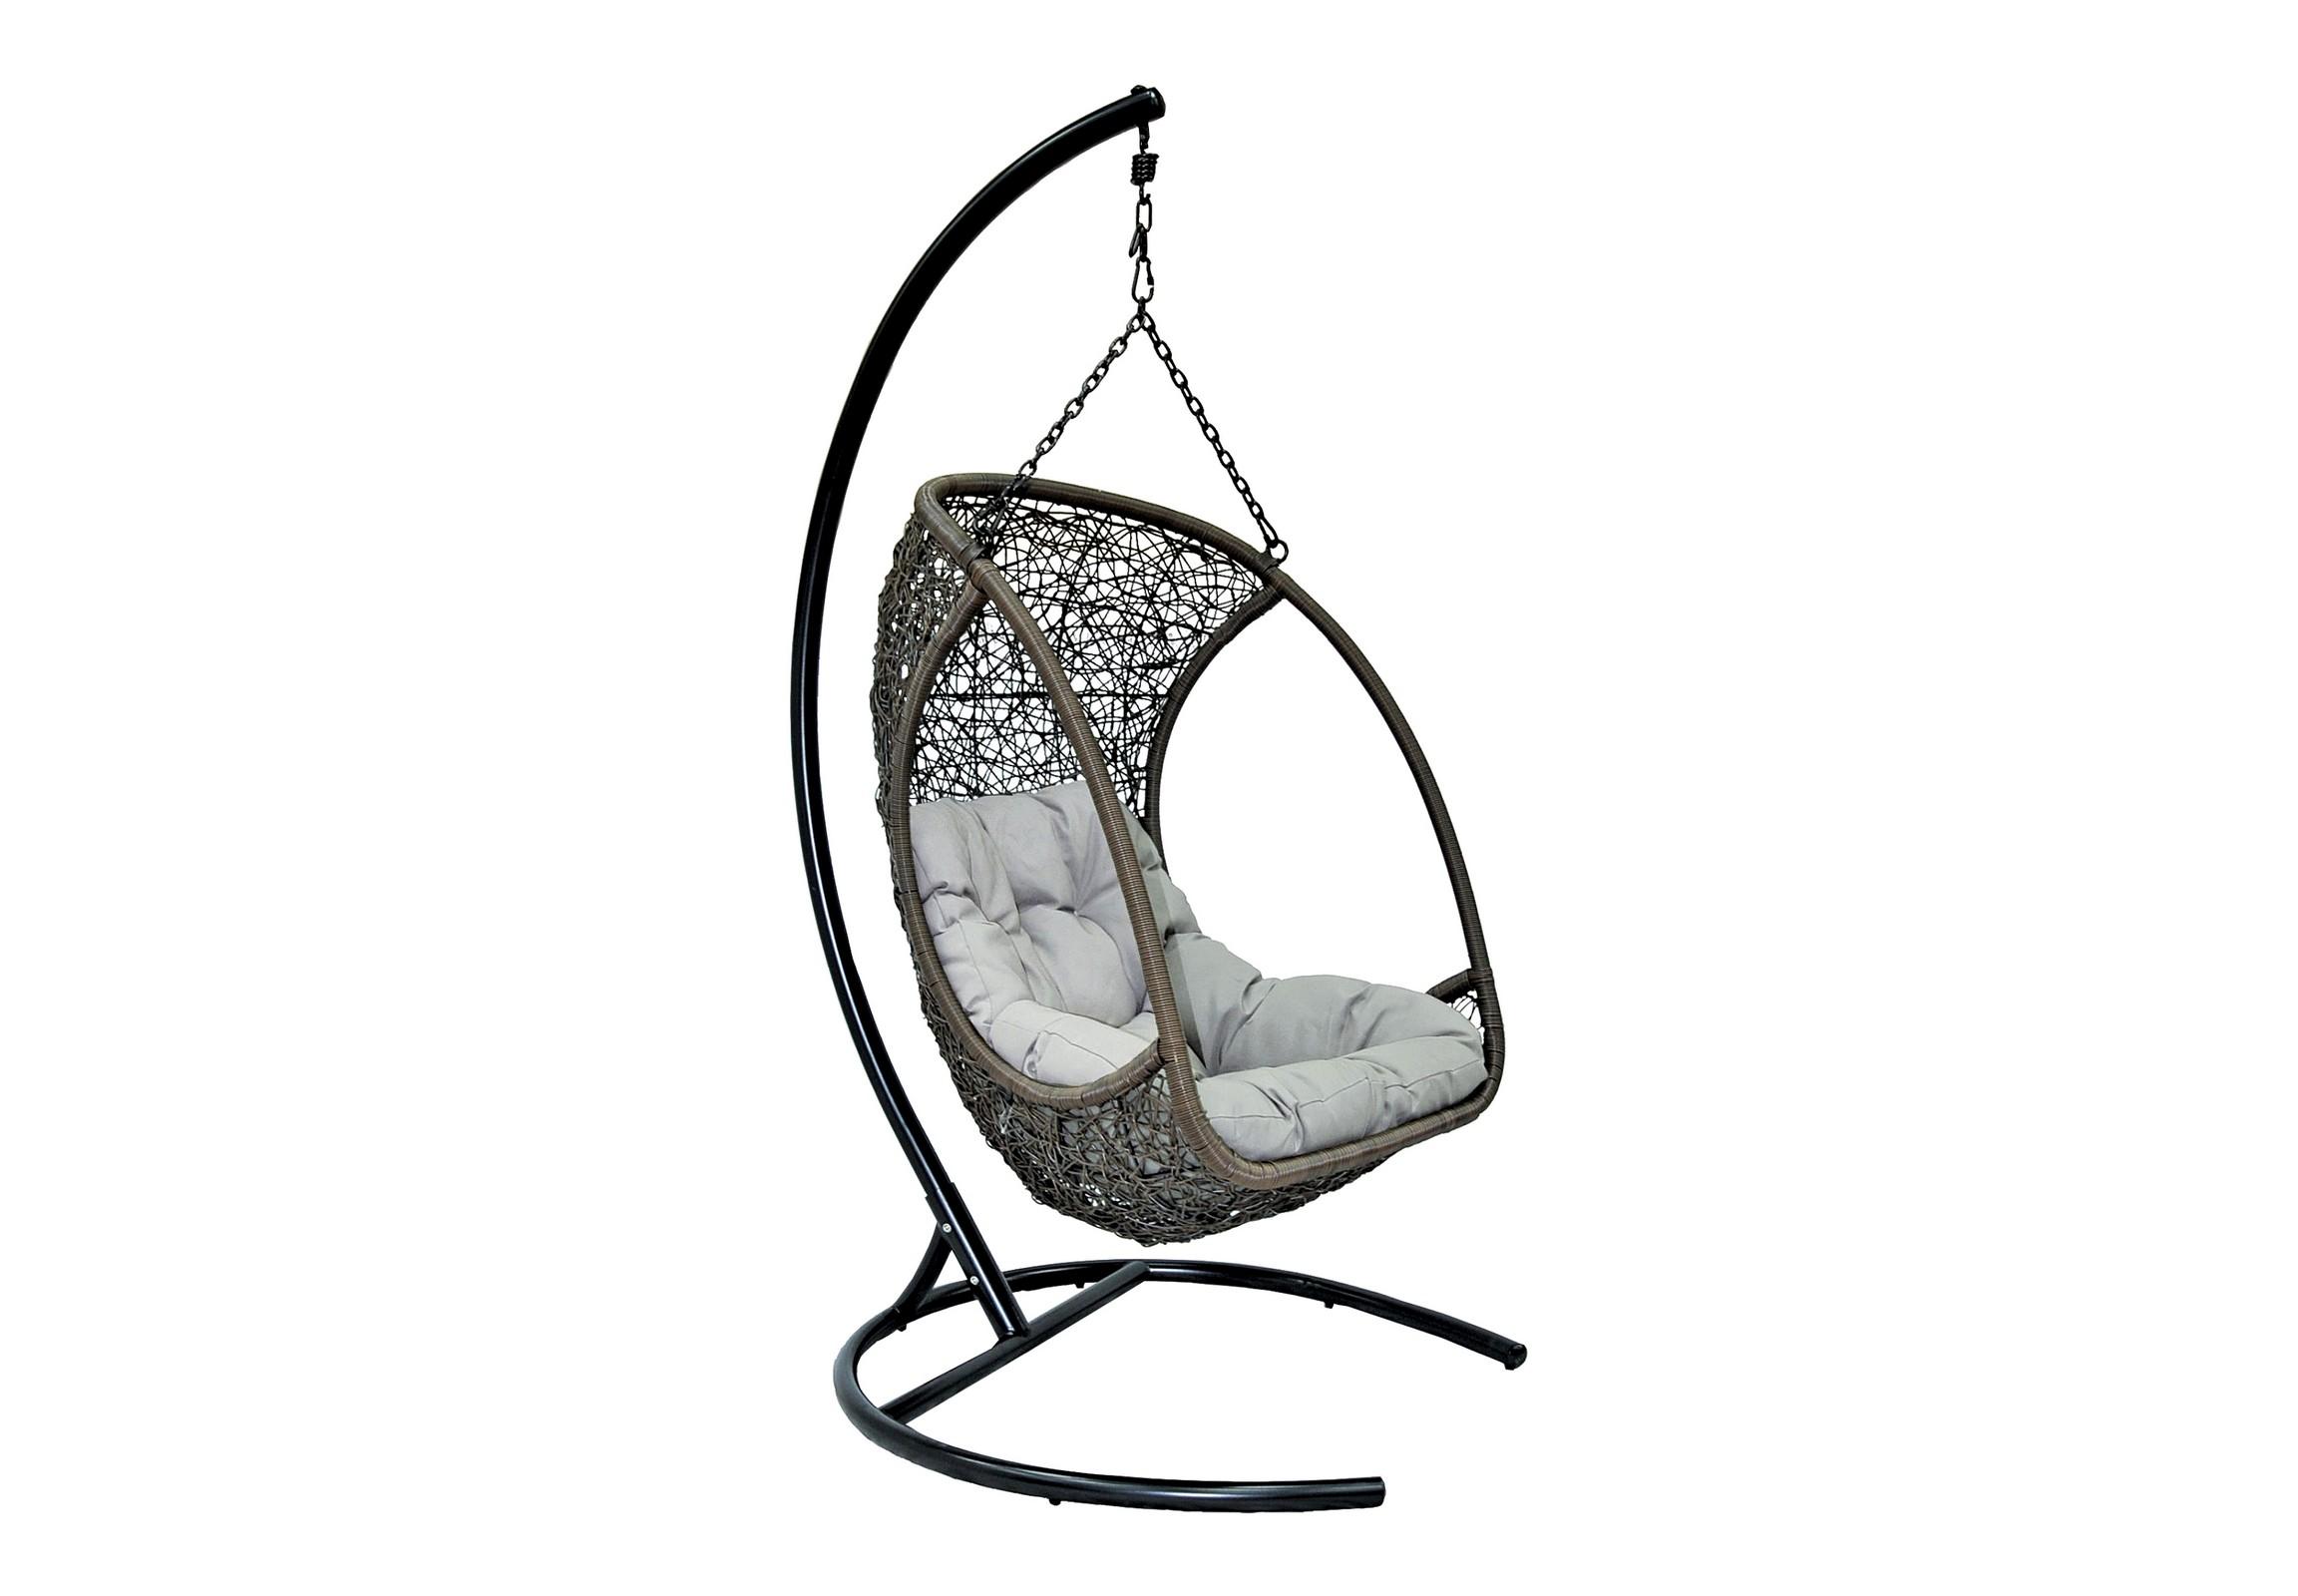 Кресло подвесное AlbatrosПодвесные кресла<br>Подвесное кресло Albatros - новинка этого сезона! Оригинальный дизайн, практичность и комфорт - все это сочетает в себе данная модель.<br>Подвесные кресла выполнены из искусственного ротанга высокого качества. Искусственный ротанг круглой формы, что делает его очень похожим на натуральный ротанговый прут. Каркас опоры и самого кресла покрыт прочной, устойчивой к внешним воздействиям, порошковой краской. А мягкие подушки выполнены из водоотталкивающего материала.<br>Основа кресла выполнена из стали, благодаря чему подвесное кресло может выдерживать вес до 120 кг. Когда Вы сидите в кресле, общая нагрузка приходится не на ажурное плетение, а именно на металлический каркас.&amp;amp;nbsp;&amp;lt;div&amp;gt;&amp;lt;br&amp;gt;&amp;lt;/div&amp;gt;&amp;lt;div&amp;gt;Каркас – сталь, <br>порошковая покраска&amp;amp;nbsp;&amp;lt;/div&amp;gt;&amp;lt;div&amp;gt;Плетение – PE-ротанг (искусственный ротанг) высокого качества (круглый)&amp;amp;nbsp;&amp;lt;/div&amp;gt;&amp;lt;div&amp;gt;Размер чаши: <br>80х66х123 см&amp;amp;nbsp;&amp;lt;/div&amp;gt;&amp;lt;div&amp;gt;Размер основания: <br>100х100х195 см&amp;lt;/div&amp;gt;<br><br>Material: Искусственный ротанг